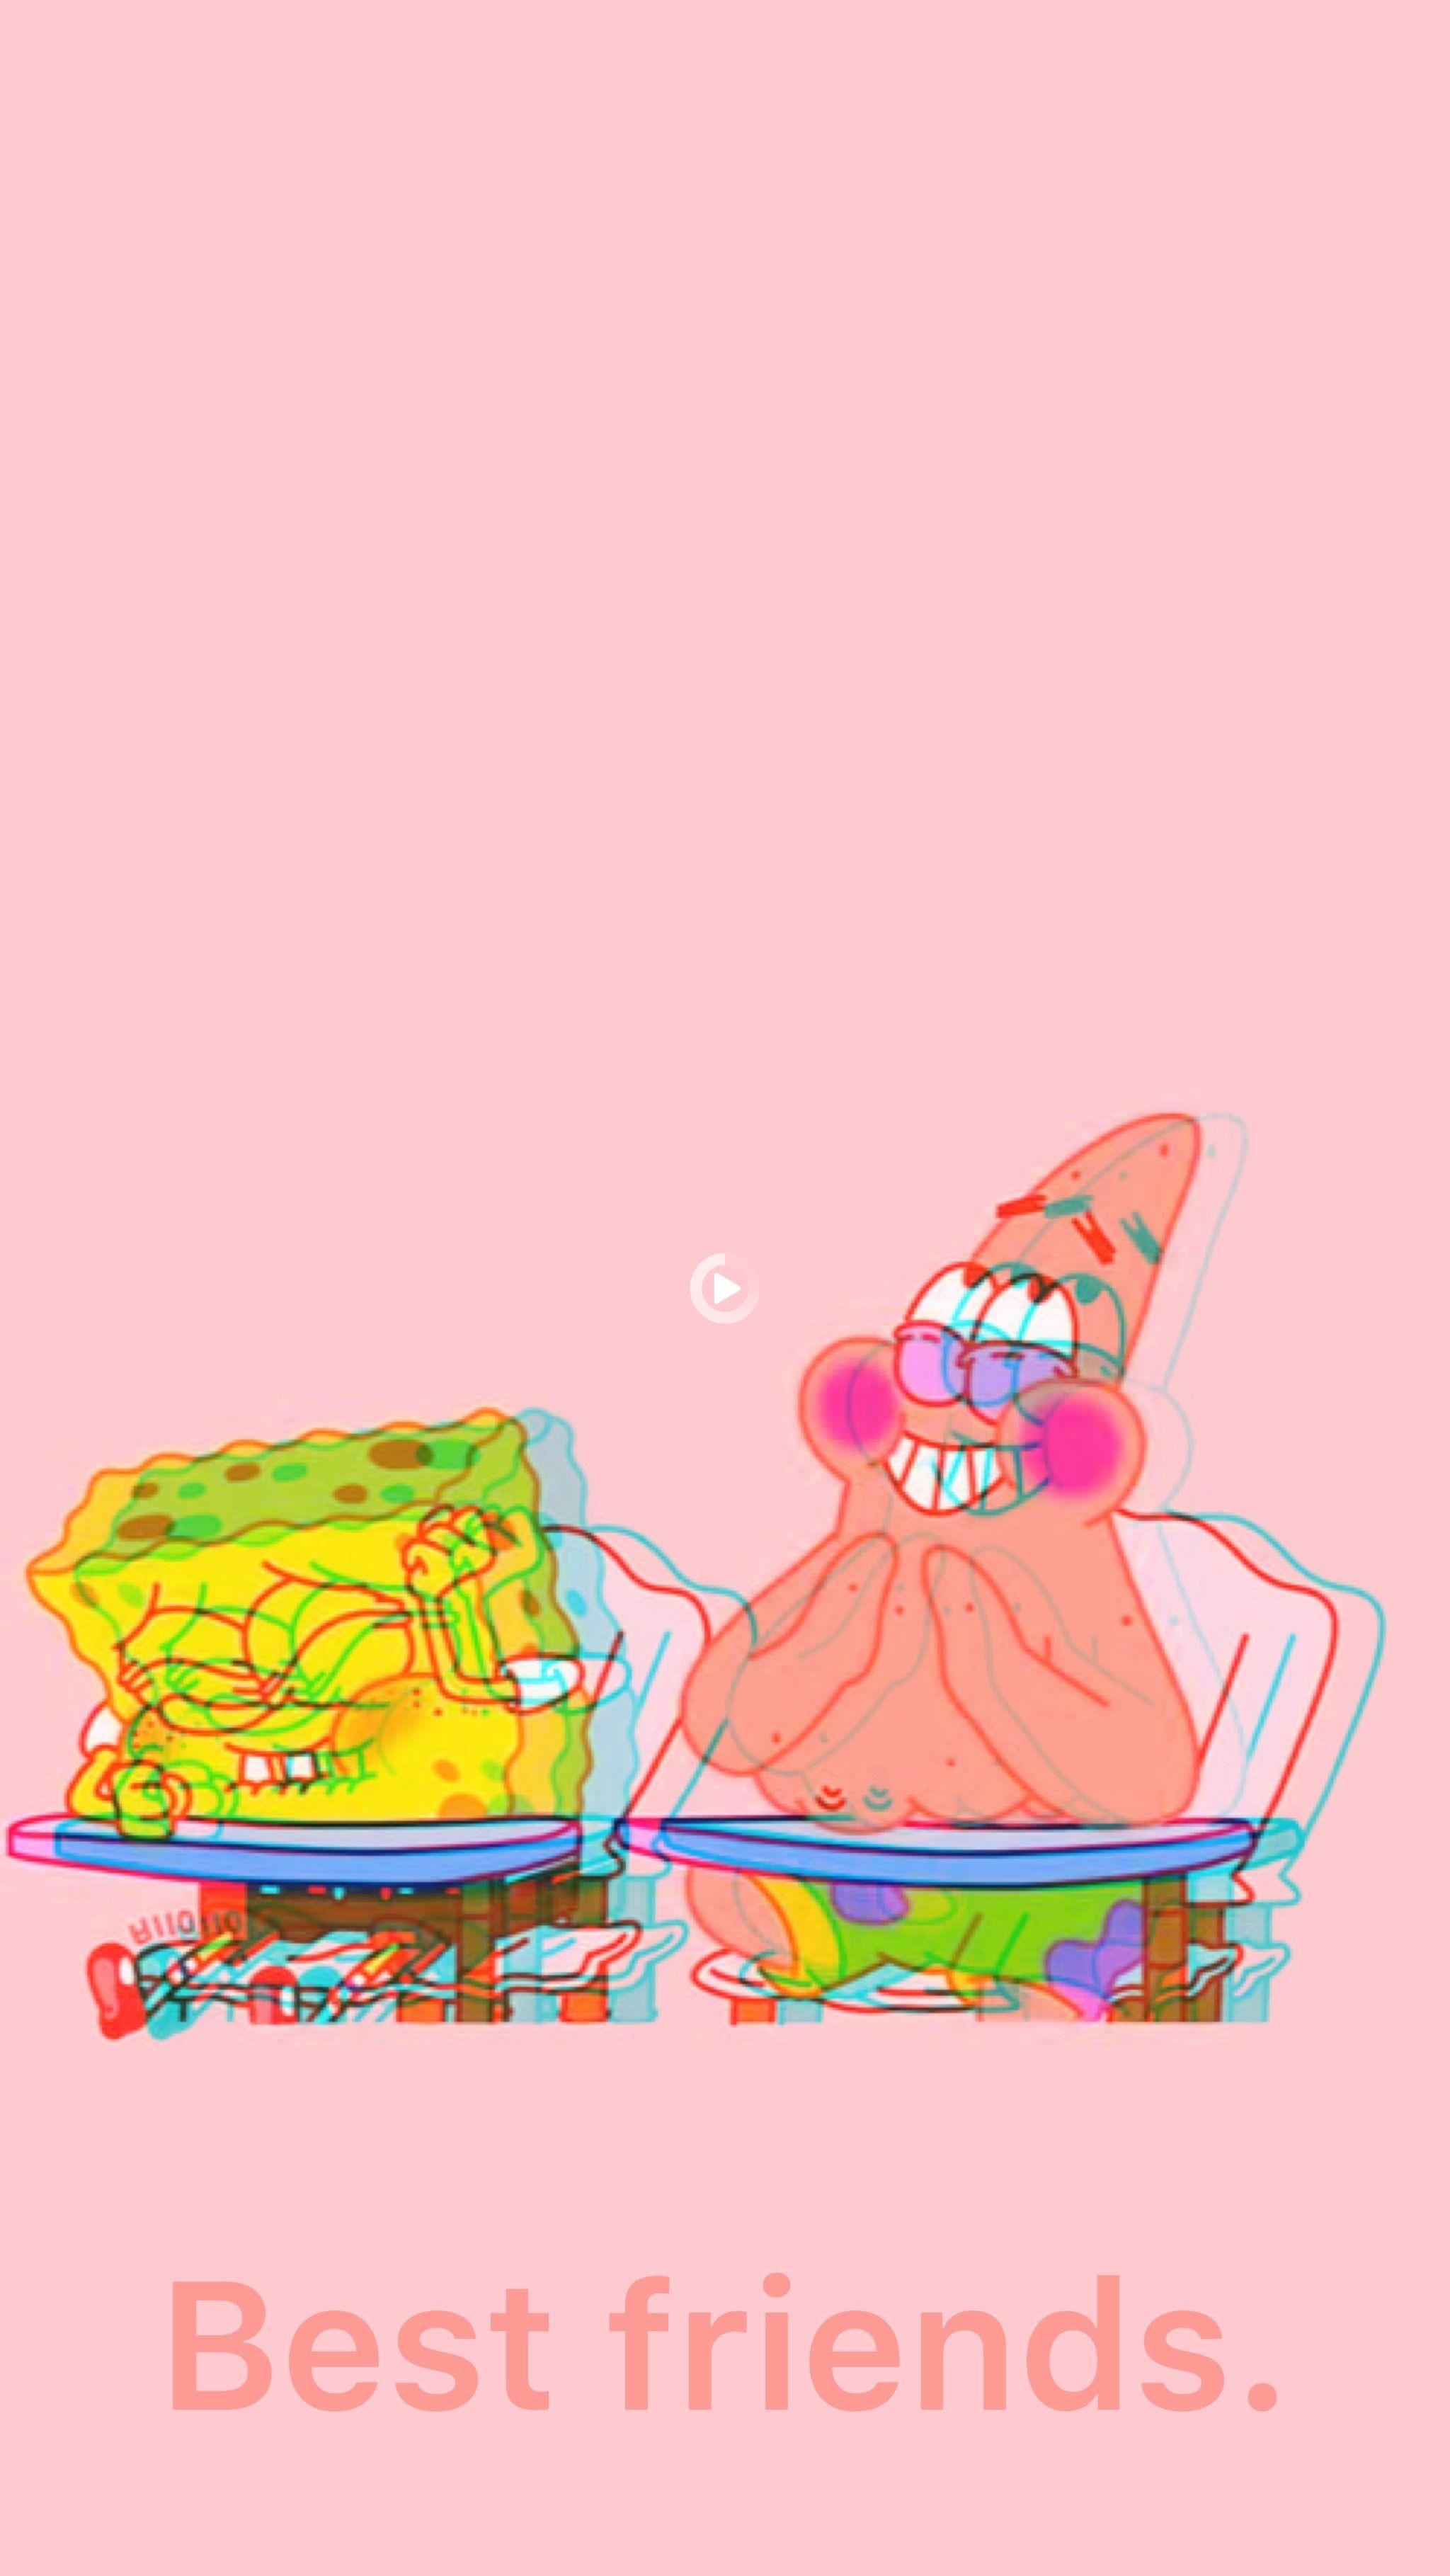 Best Friends In 2021 Spongebob Iphone Wallpaper Spongebob Wallpaper Cartoon Wallpaper Iphone